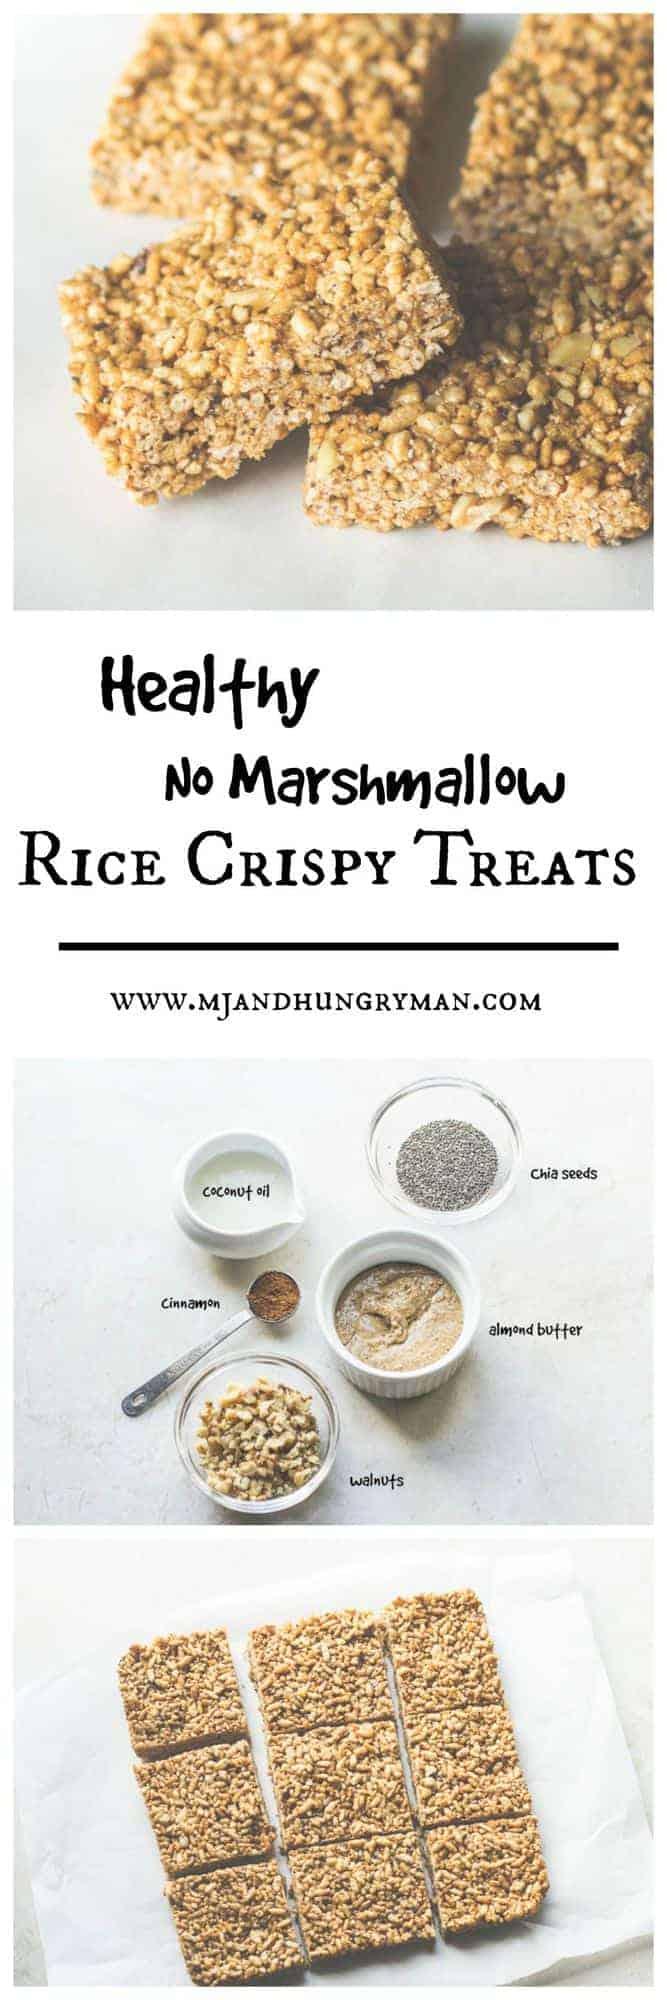 Healthy No Marshmallow Rice Crispy Treats